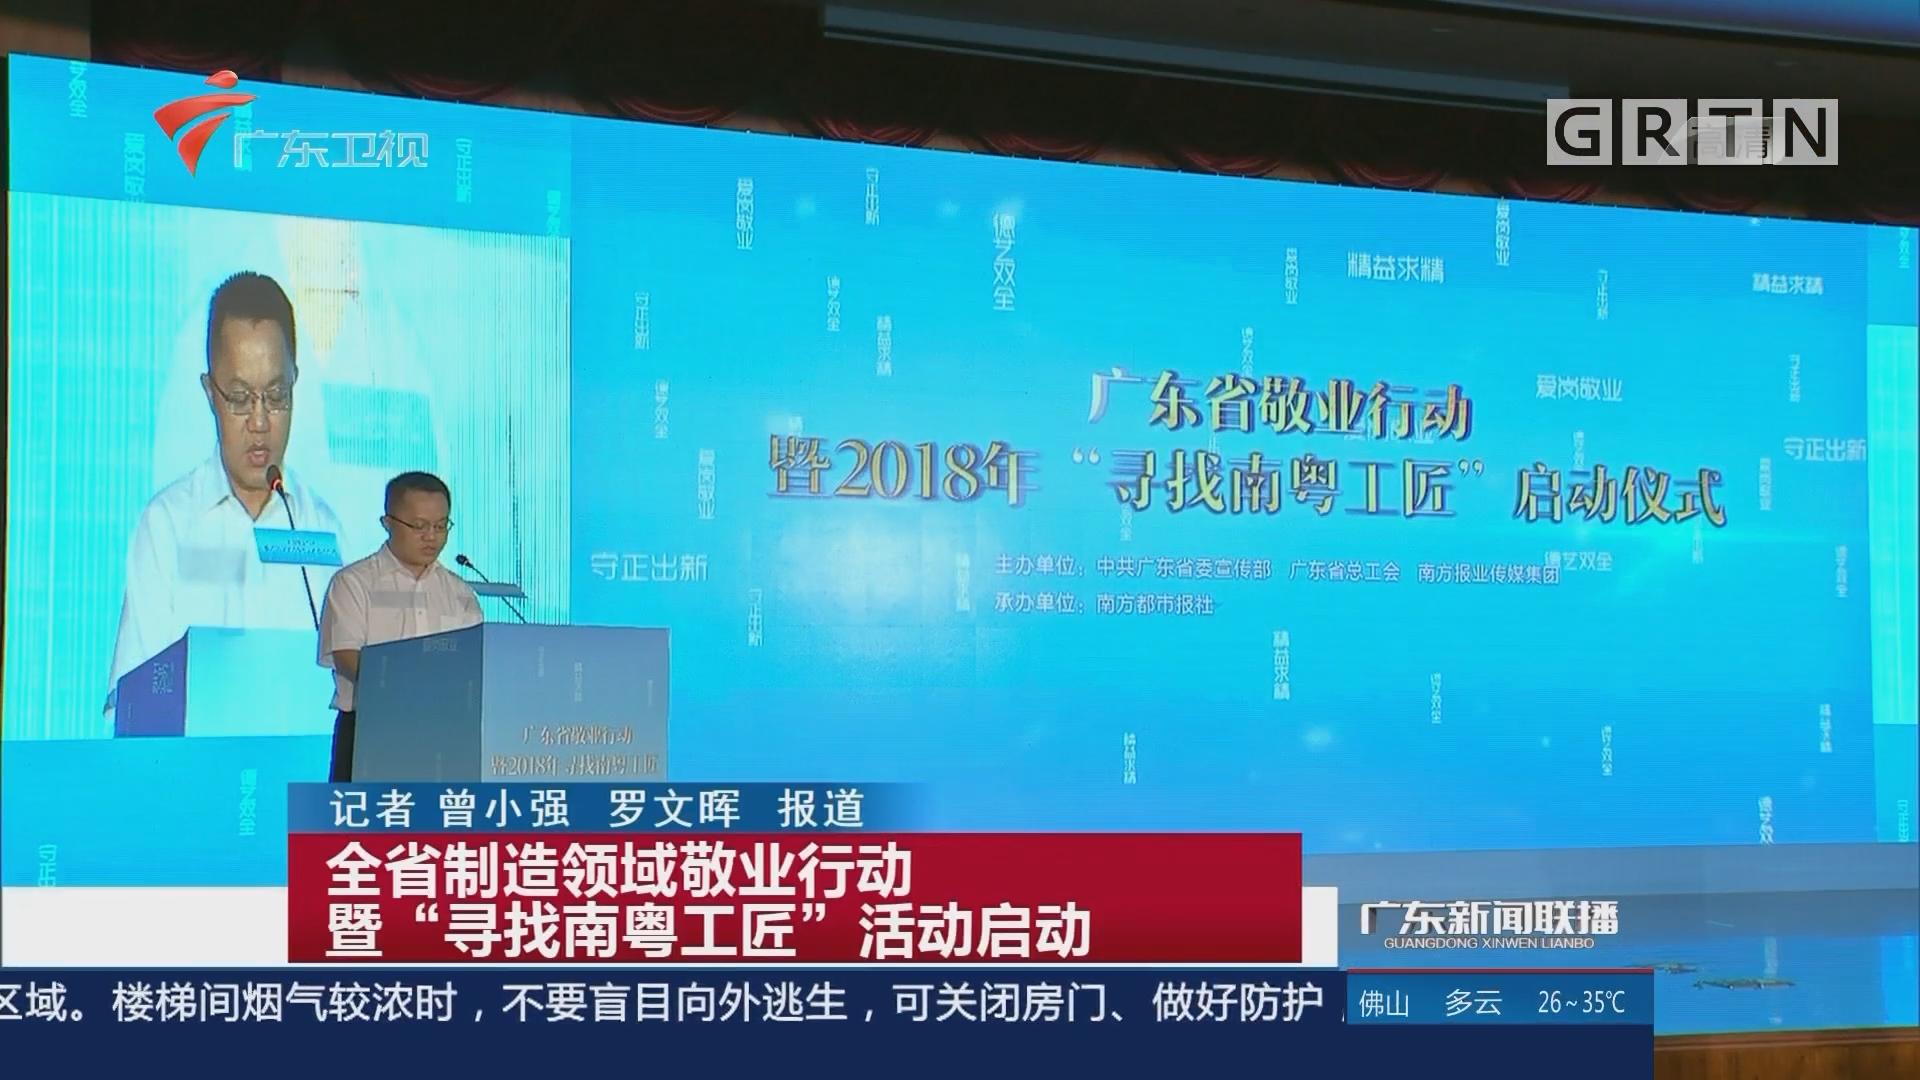 """全省制造领域敬业行动 暨""""寻找南粤工匠""""活动启动"""